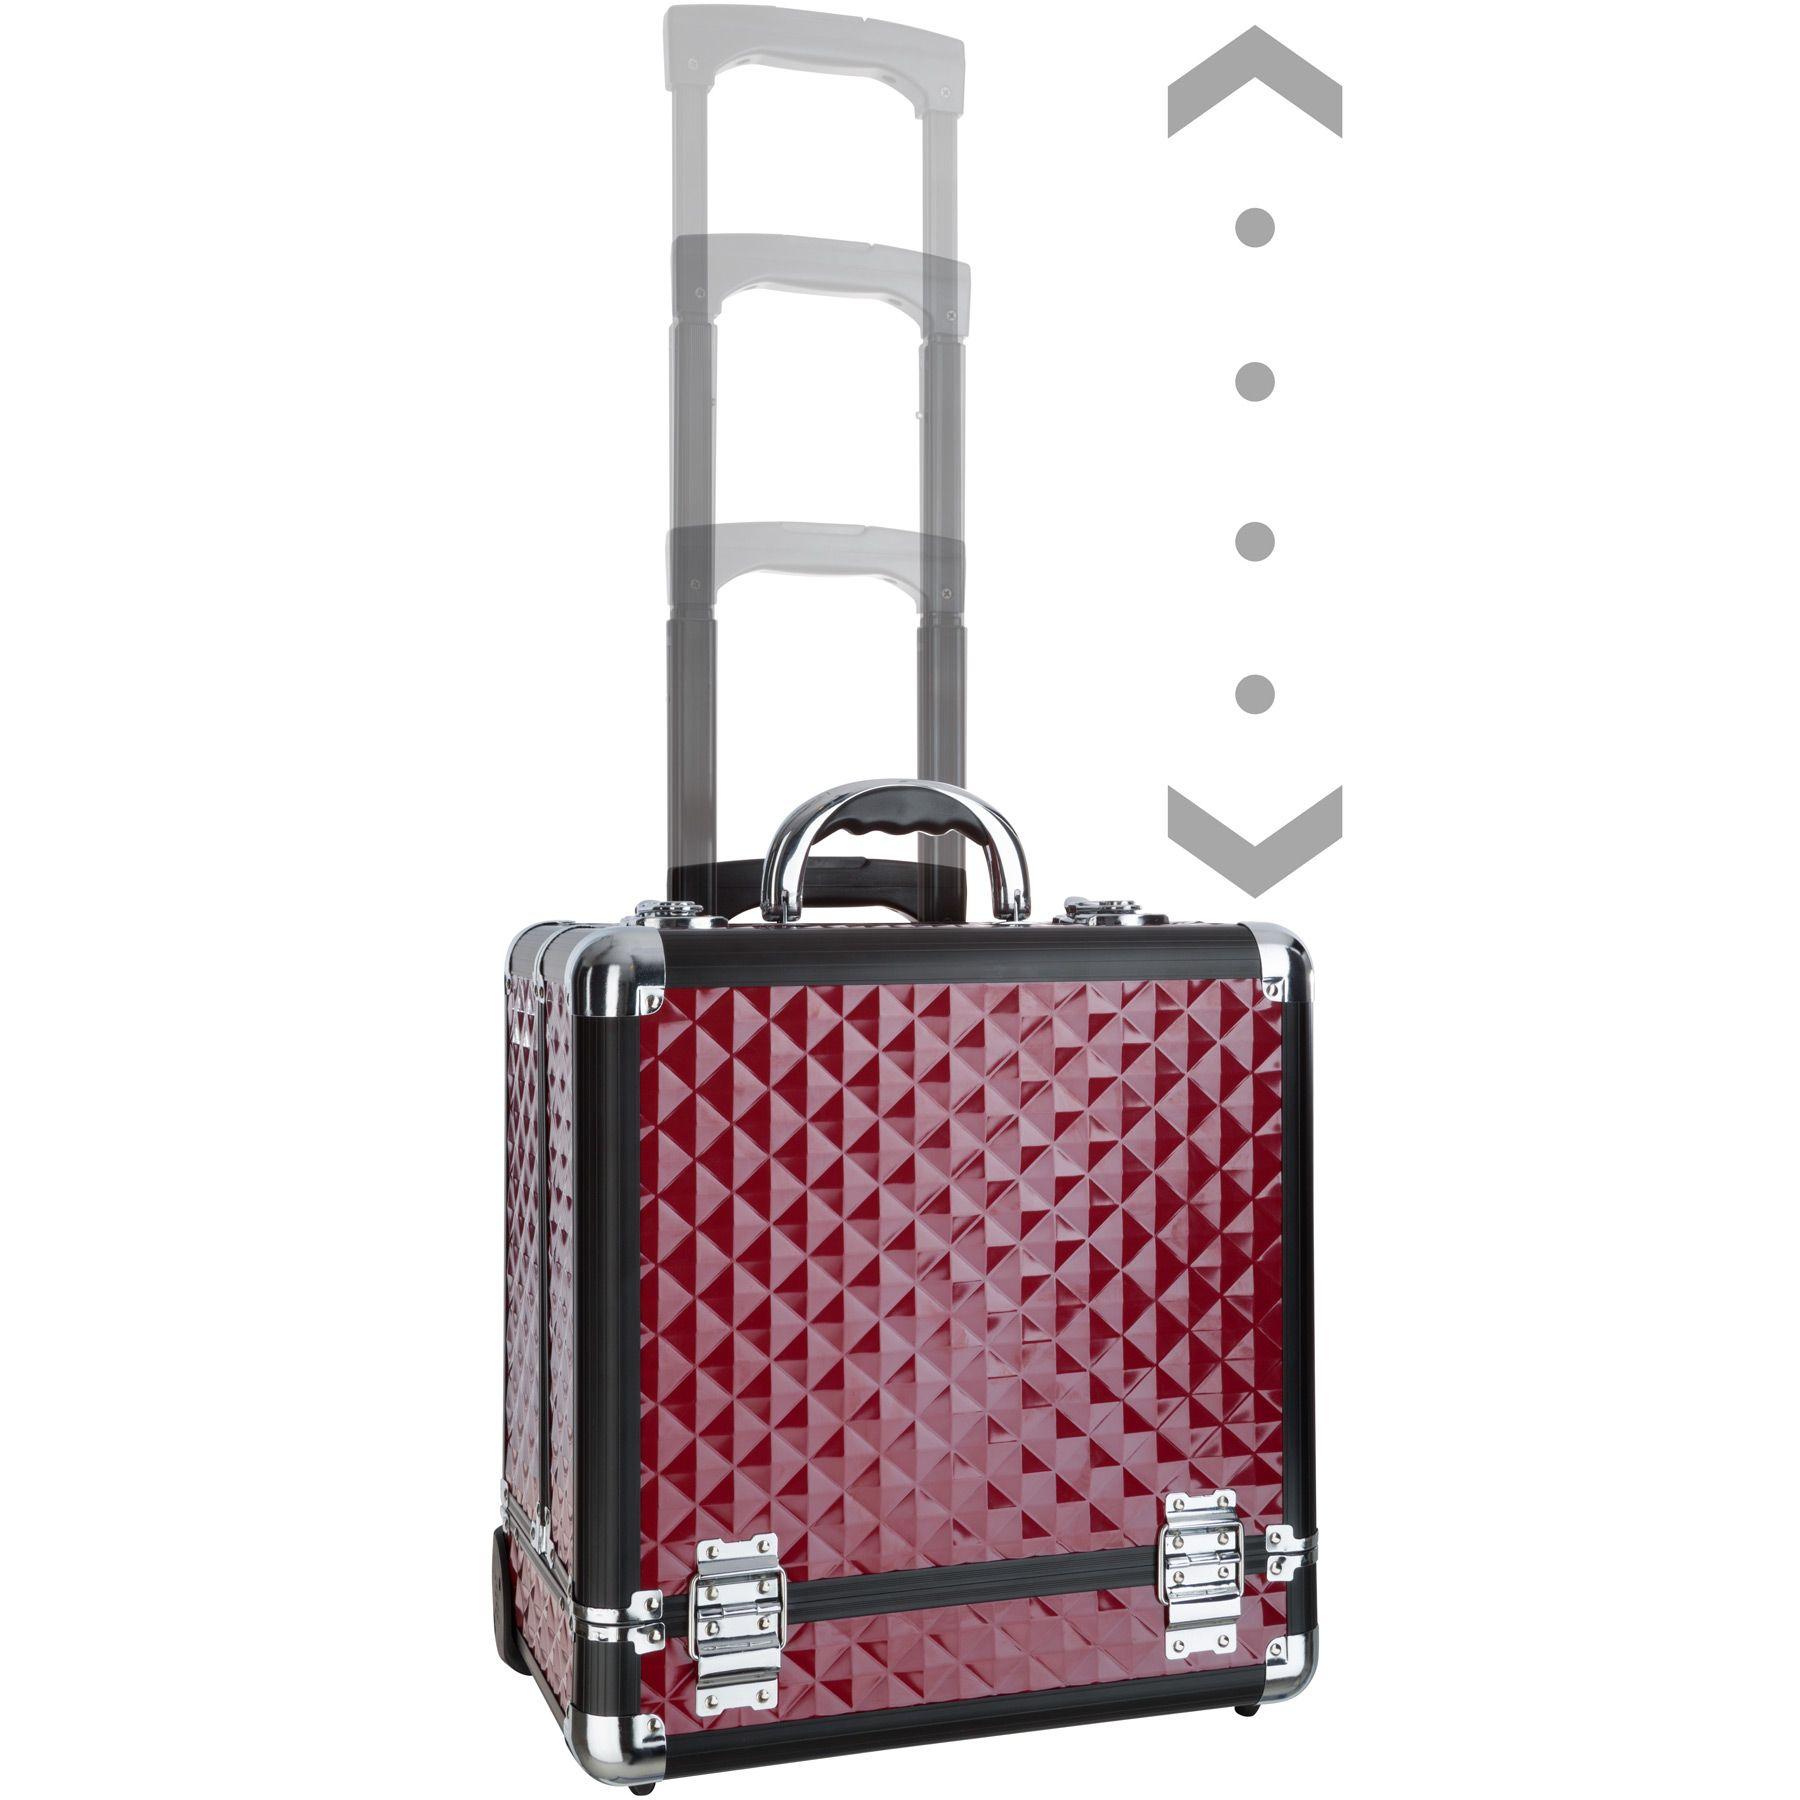 Valise cosmétique Trolley bagages valise de maquillage case à bijoux   eBay